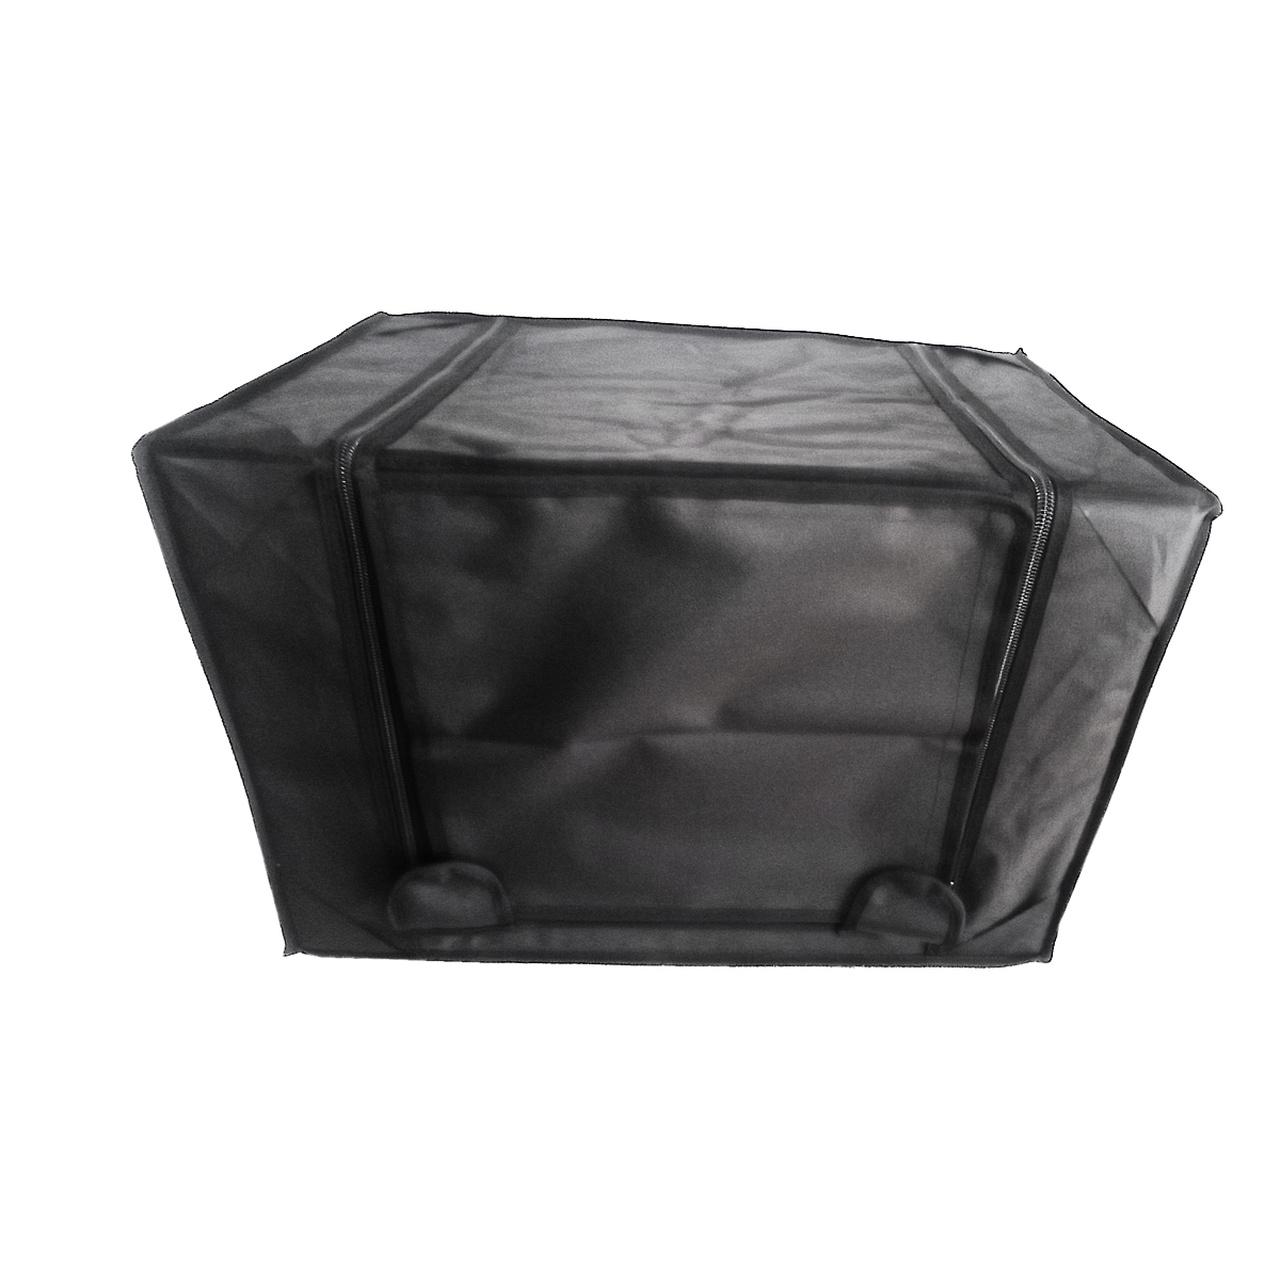 Estufa de Clonagem Probox Propagator 80x60x40